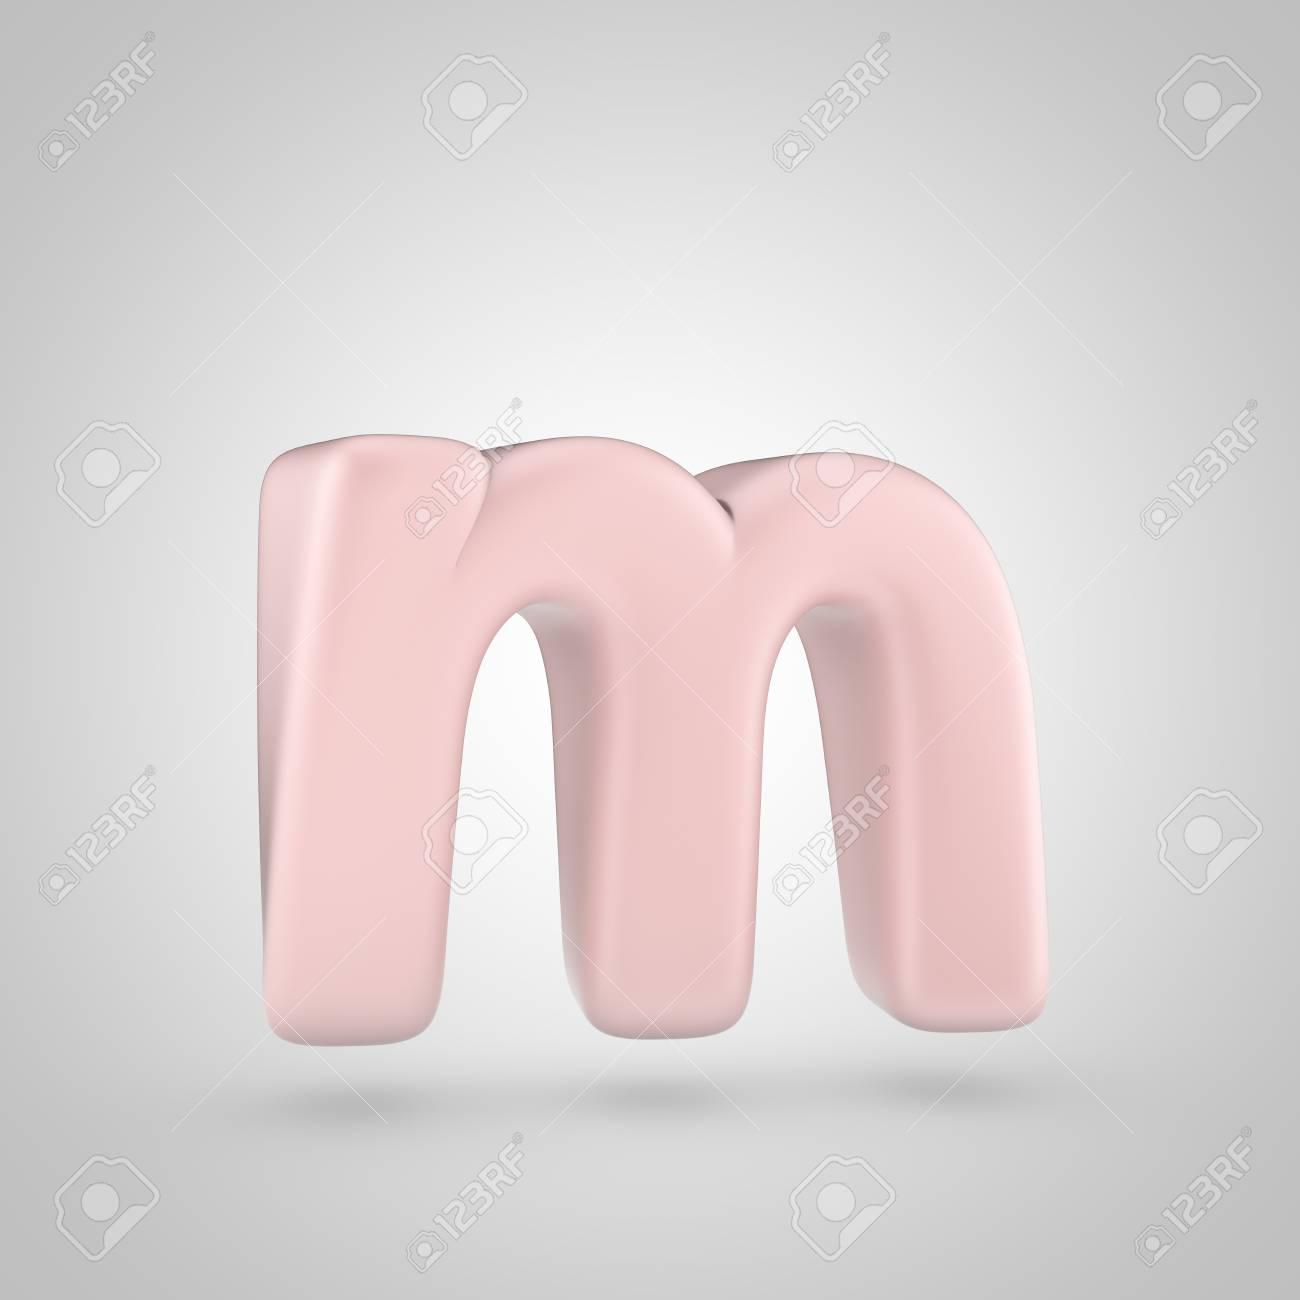 Millennium Pink Color Letter M Lowercase 3d Render Of Bubble